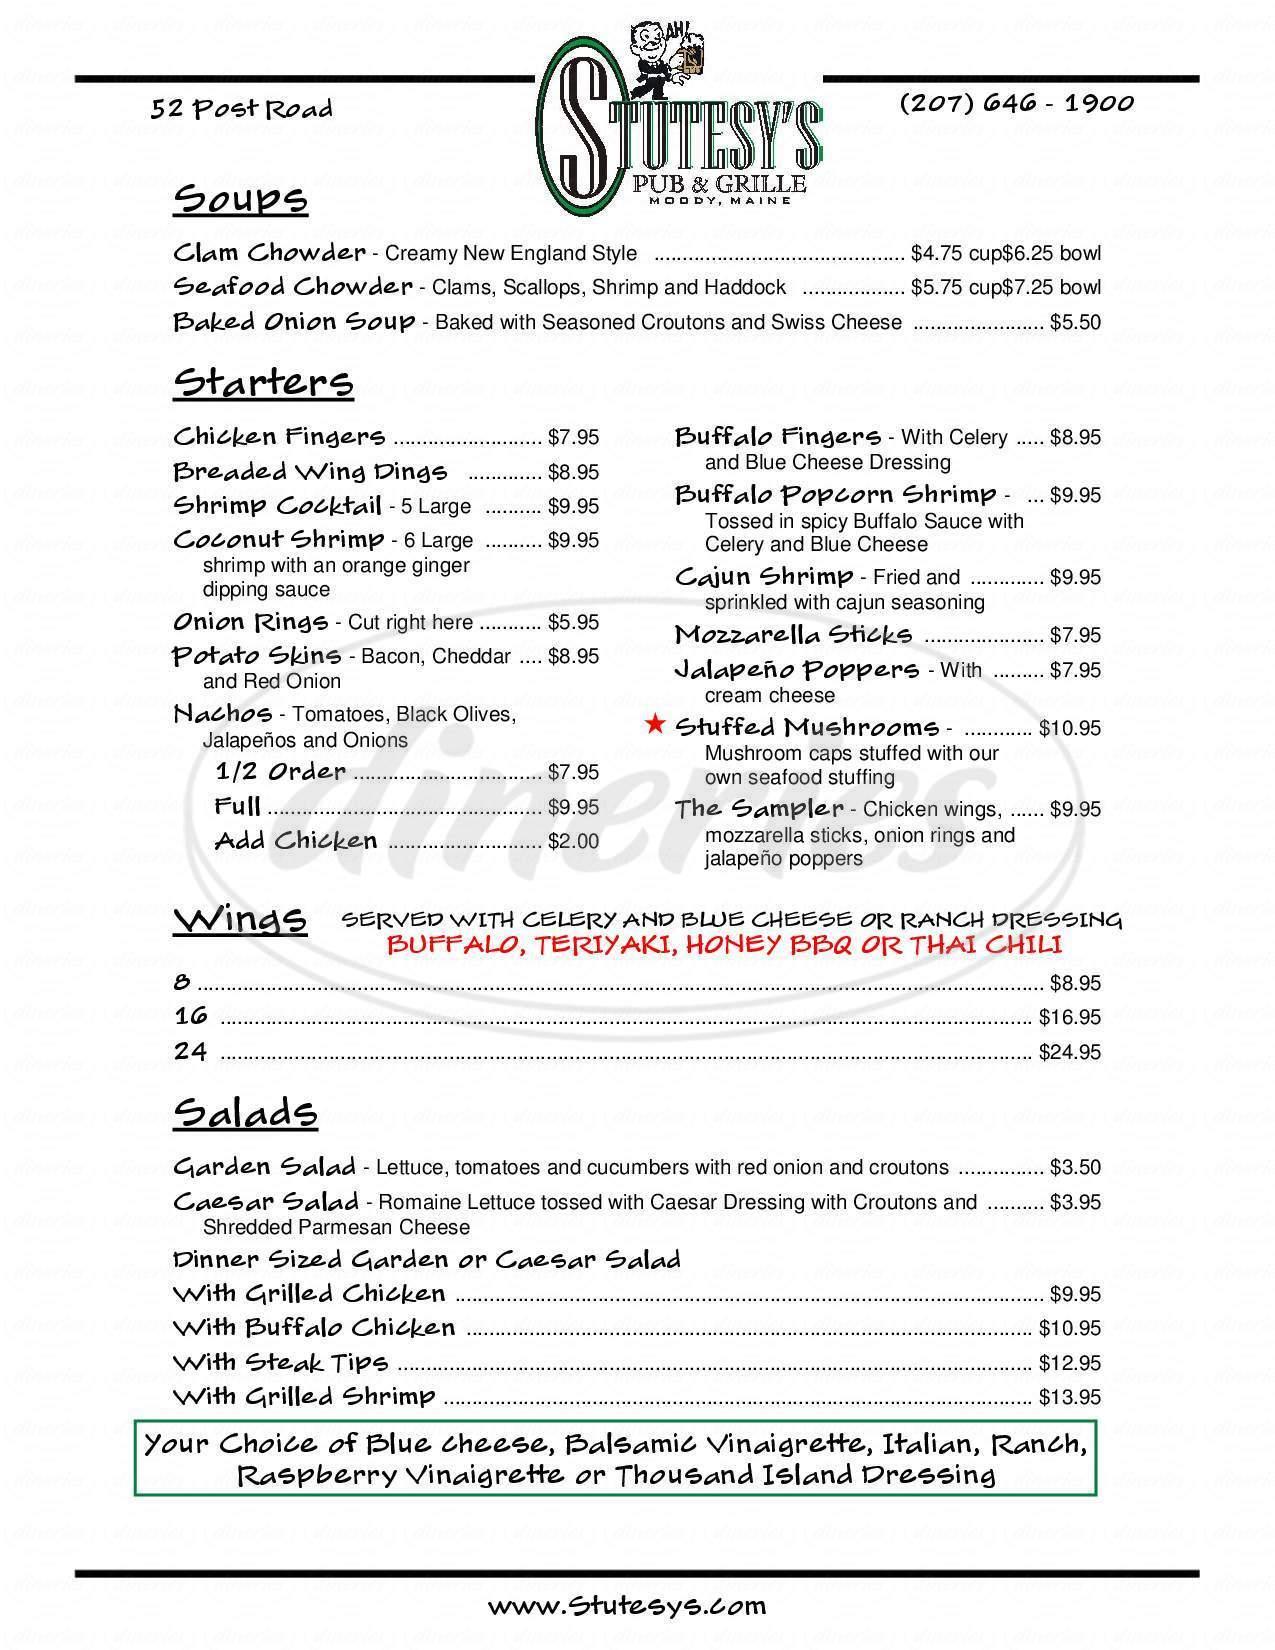 menu for Stutesy's Pub & Grill